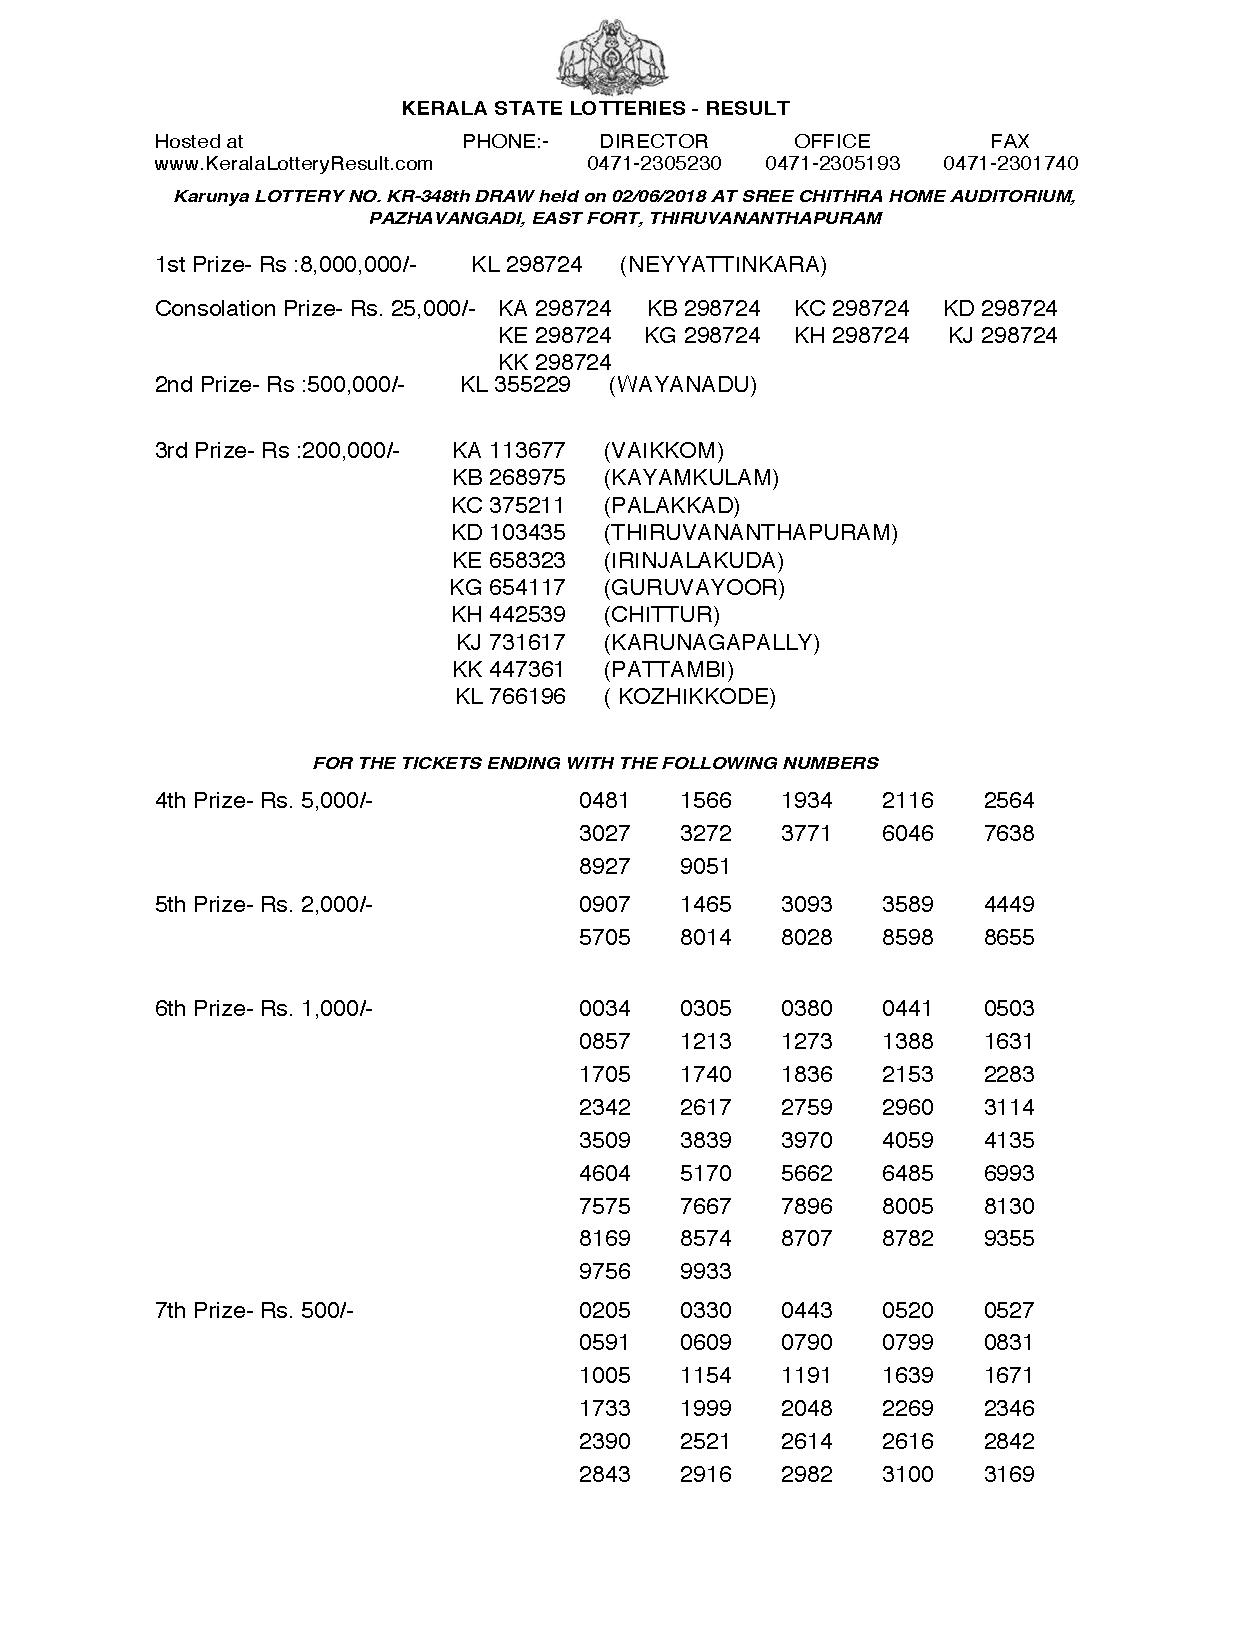 Karunya KR348 Kerala Lottery Results Screenshot: Page 1